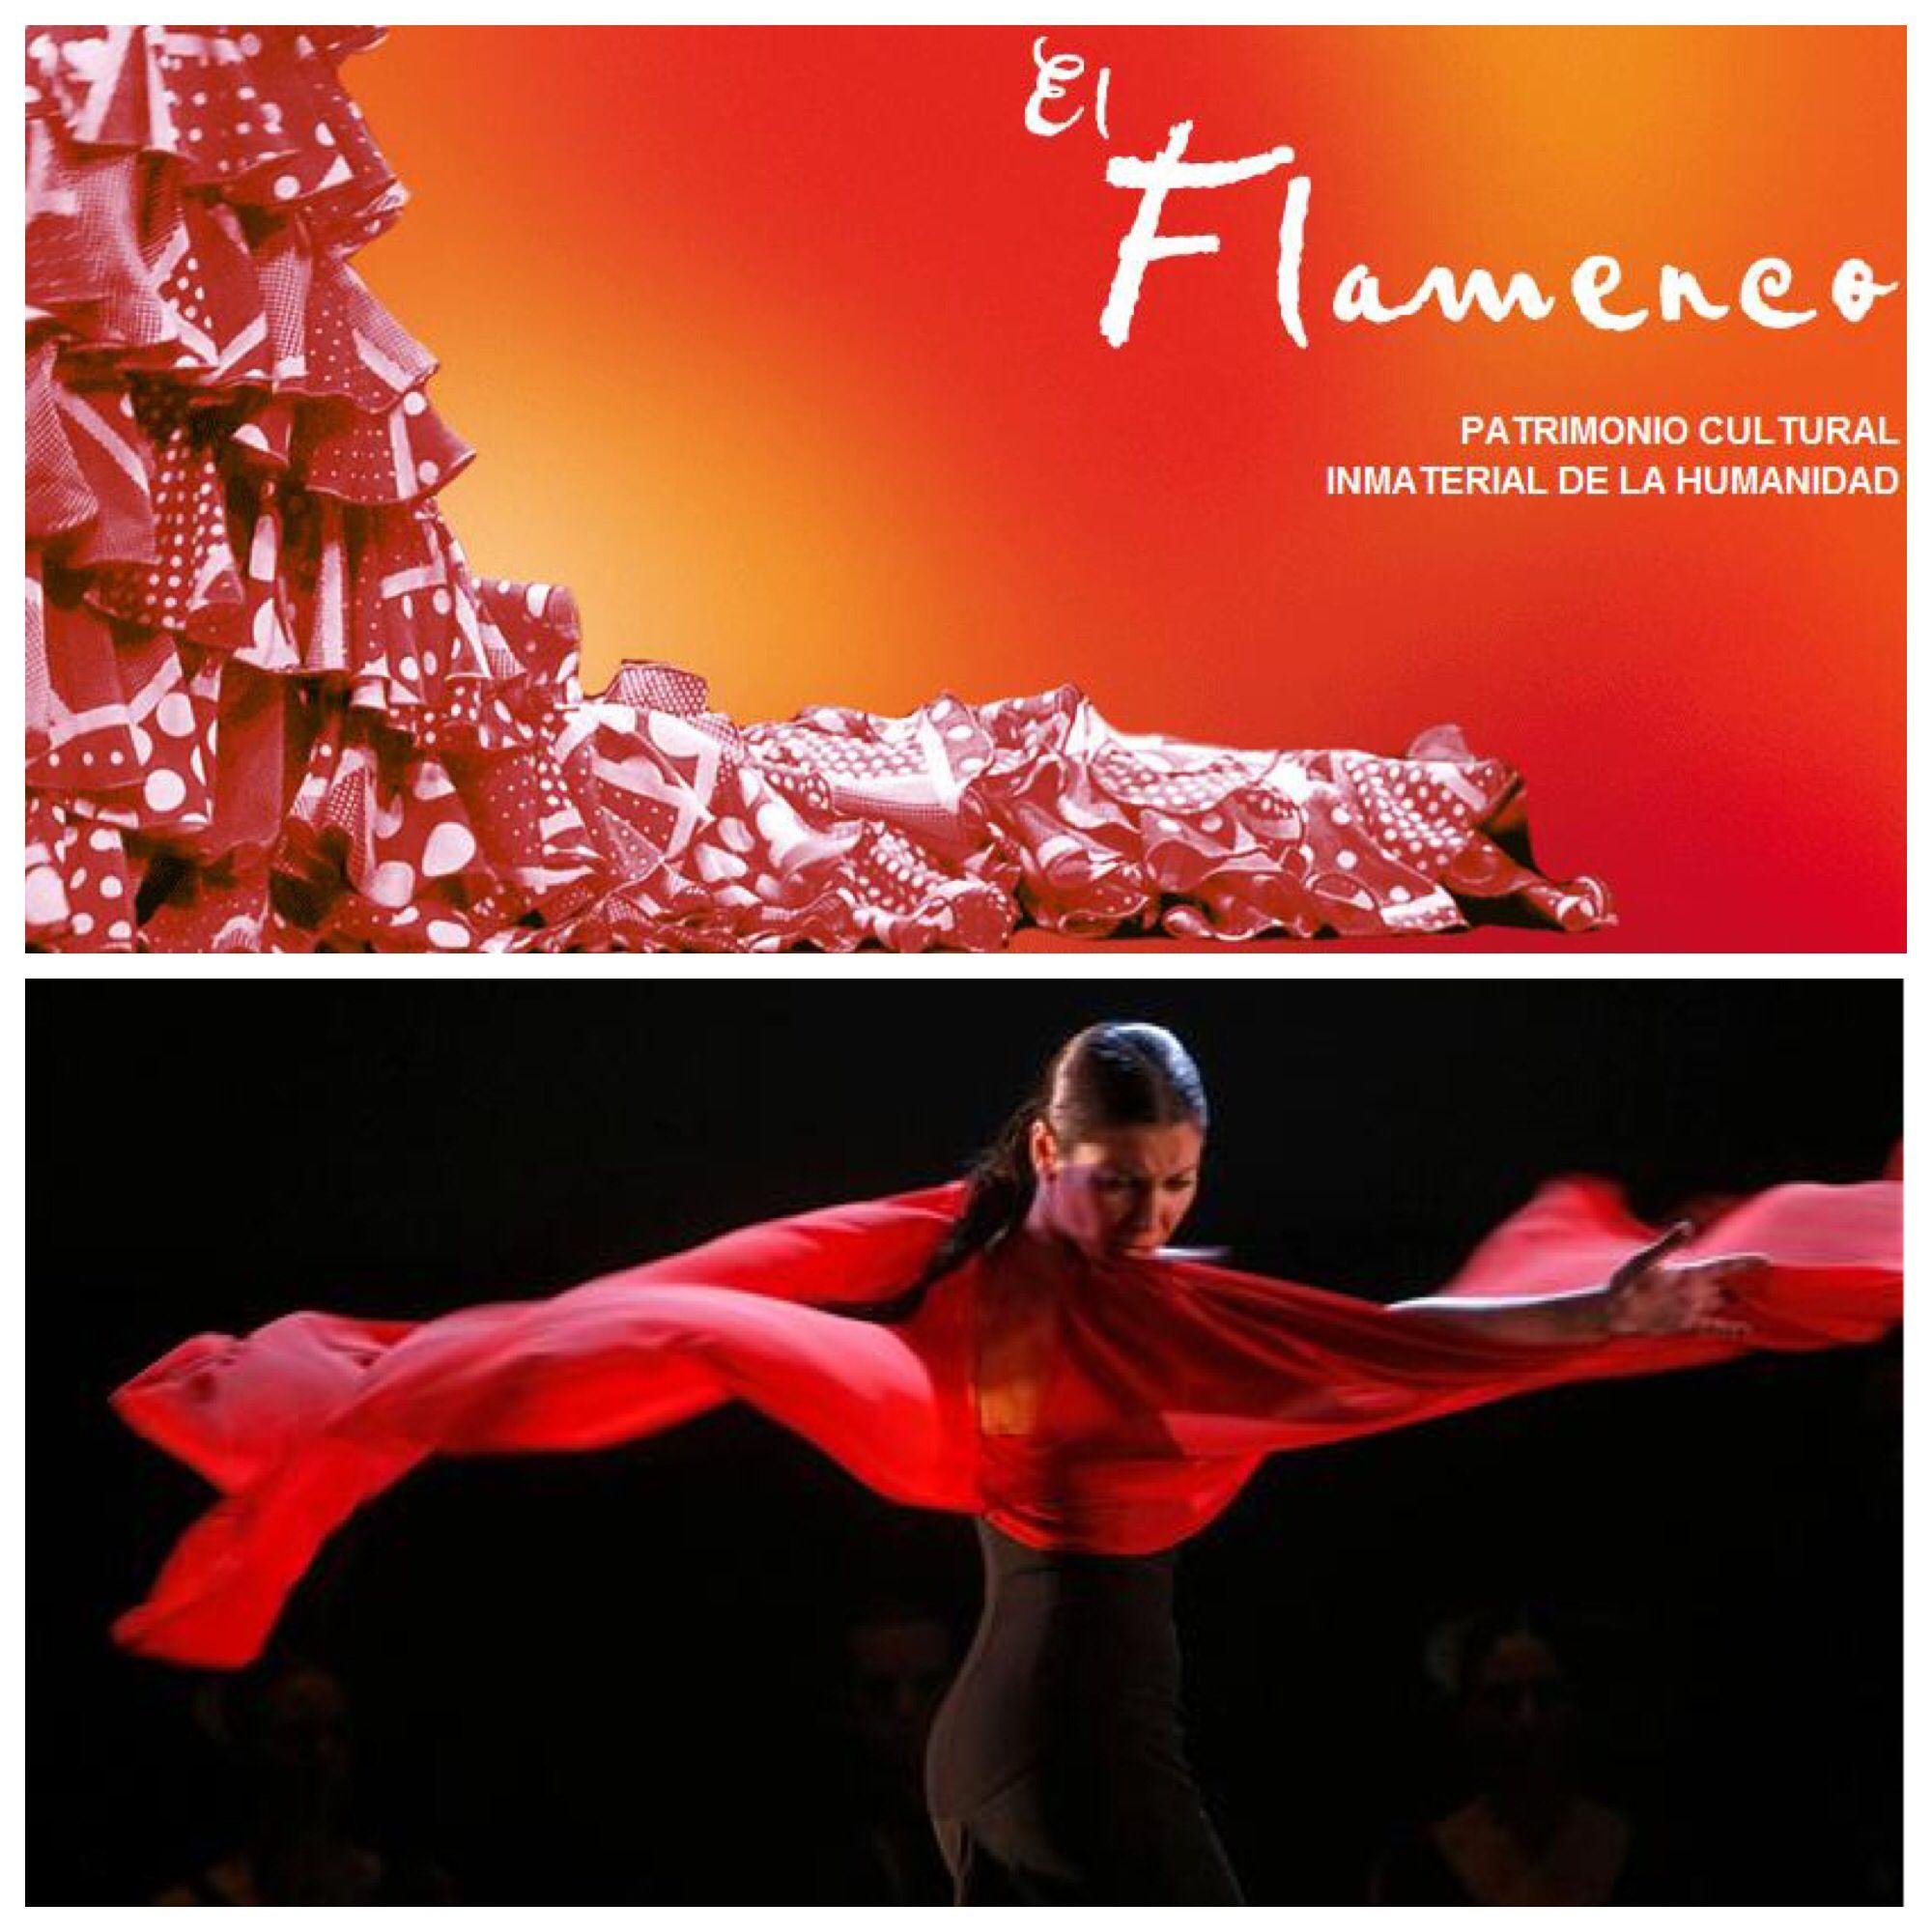 La Unesco Ha Incluido Al Flamenco En La Lista Representativa Del Patrimonio Cultural Inmaterial De La Humanidad Unesco Has Included The Flamenco Human Unesco